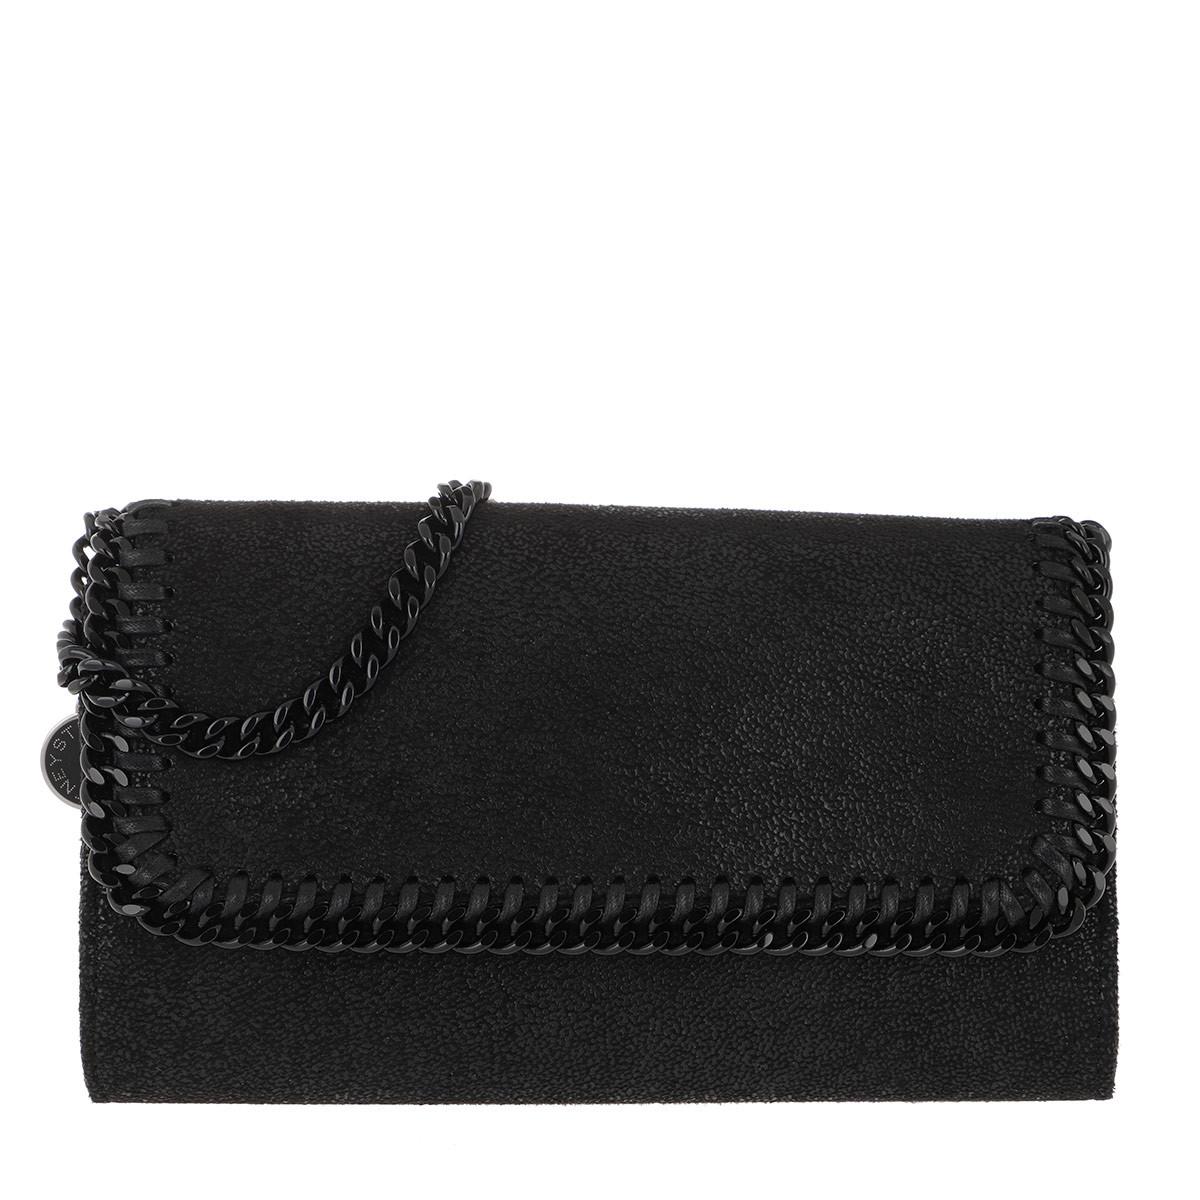 Stella Mccartney Stella Mc Cartney Schoudertassen - Falabella Medium Crossbody Bag Black in zwart voor dames Goedkope Mode-stijl 100% Gegarandeerd Goedkope Prijs Korting Te Genieten Verkoop Snelle Levering NL1wM37